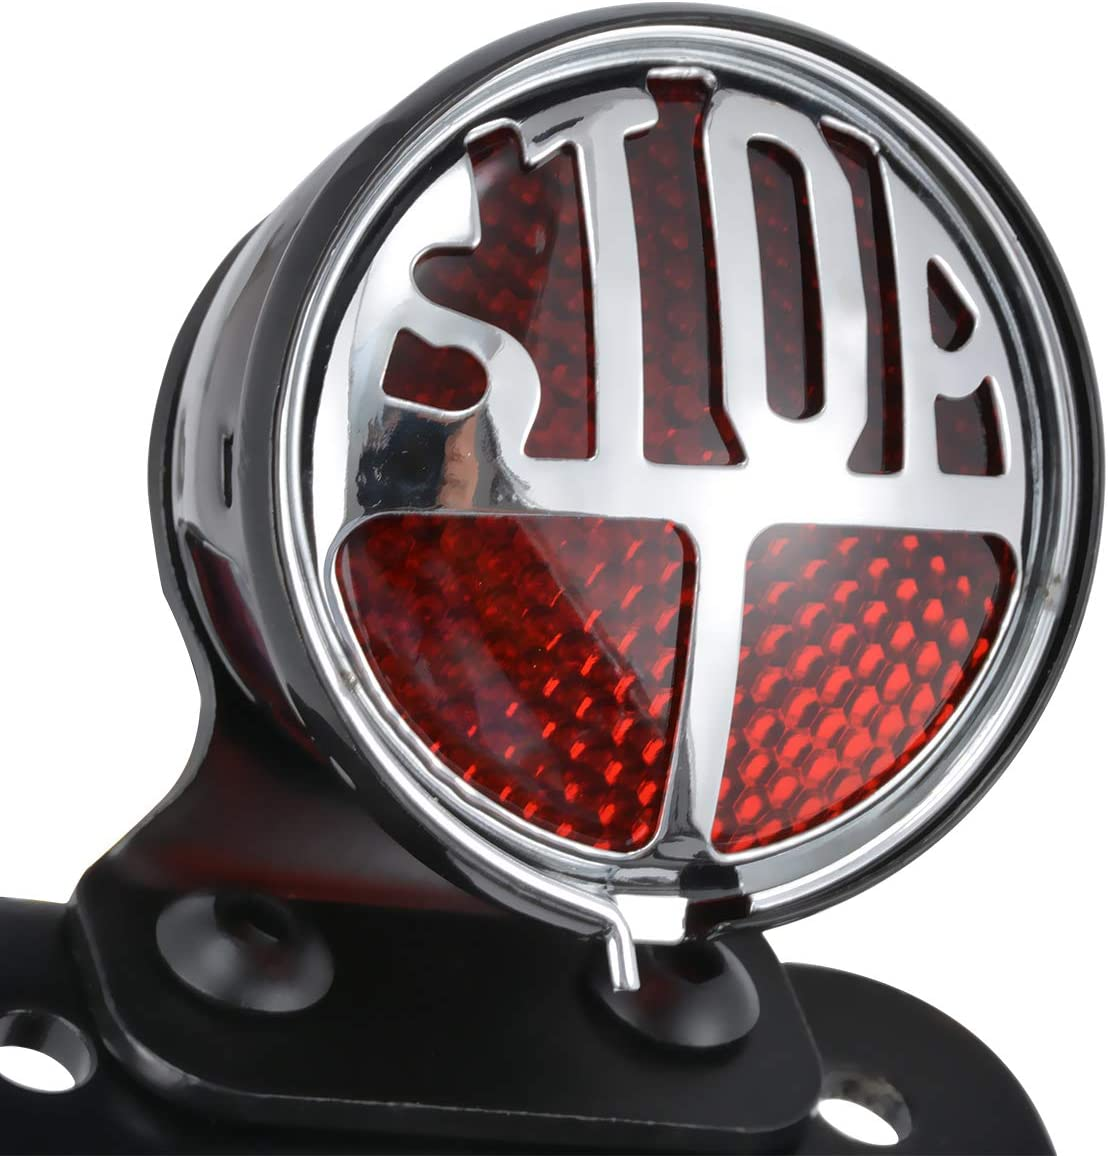 TUINCYN Motorrad R/ücklicht 1Kennzeichenhalter Halterung f/ür Harley Honda Yamaha Suzuki Harley Bobber Chopper Packung mit 1 Kawasaki